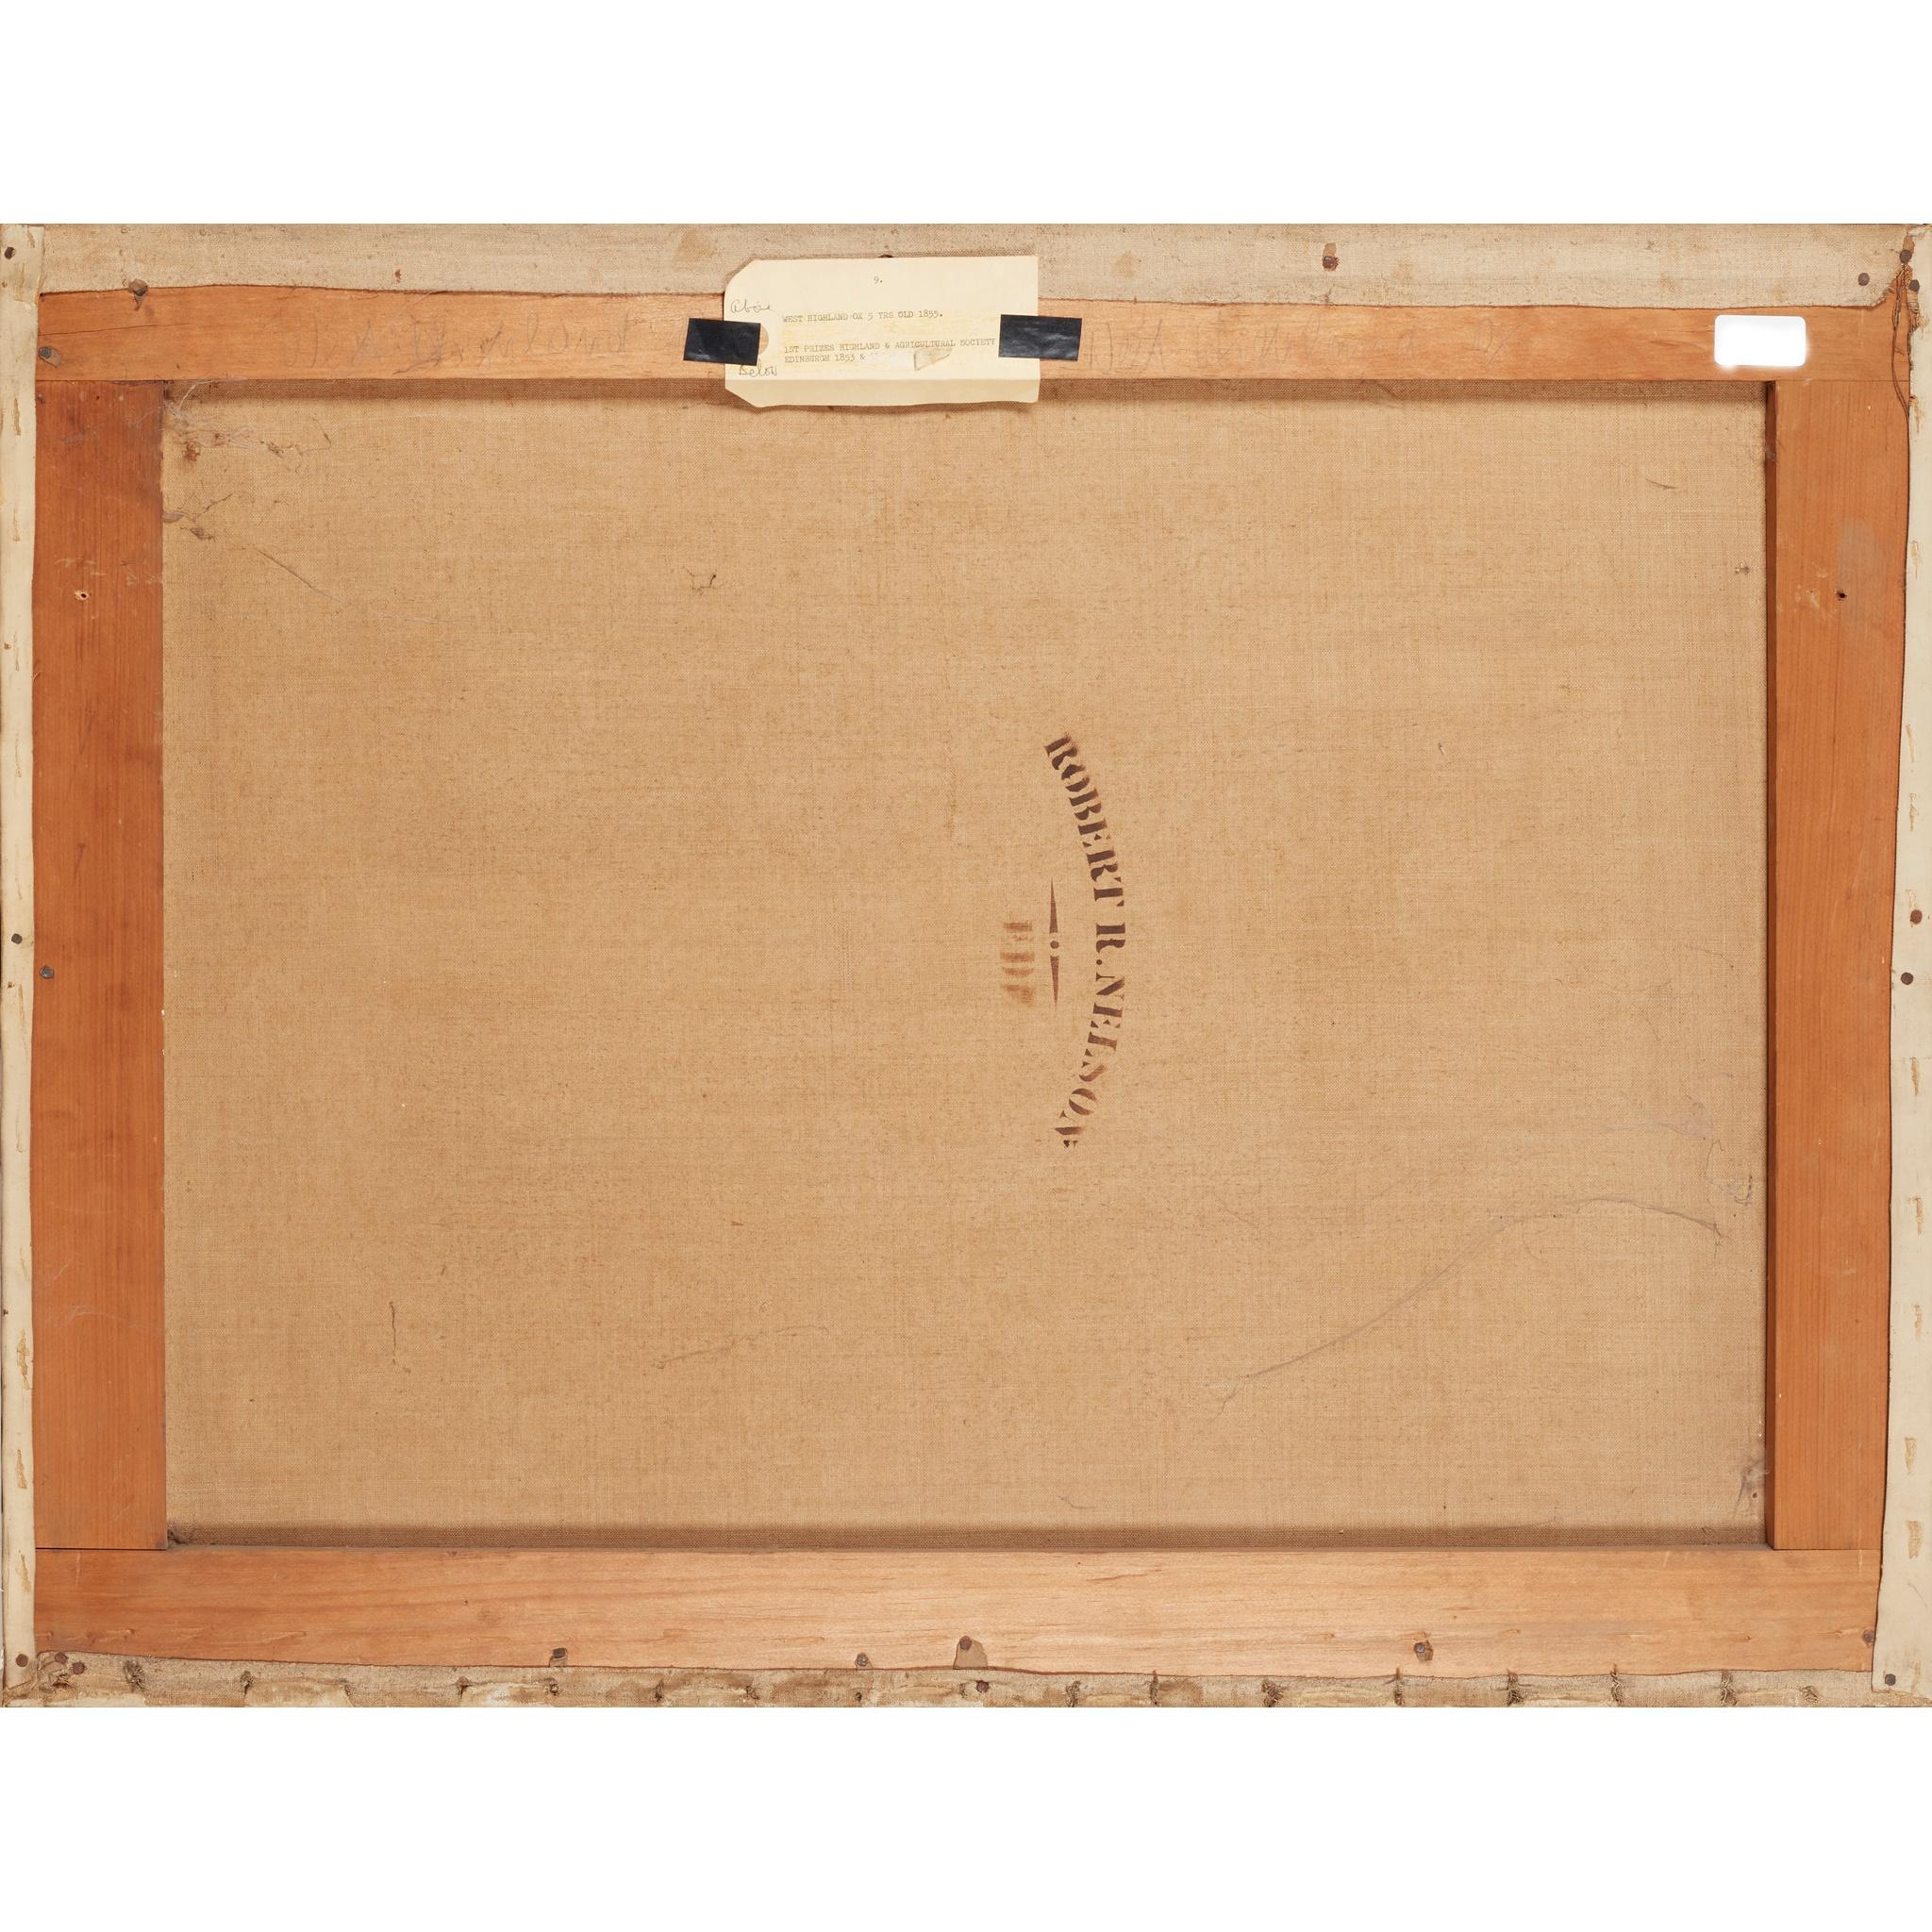 JOHN MCLEOD (SCOTTISH FL.1846-1872) STUDY OF A WEST HIGHLAND OX AGED 5 YEARS - Image 2 of 2